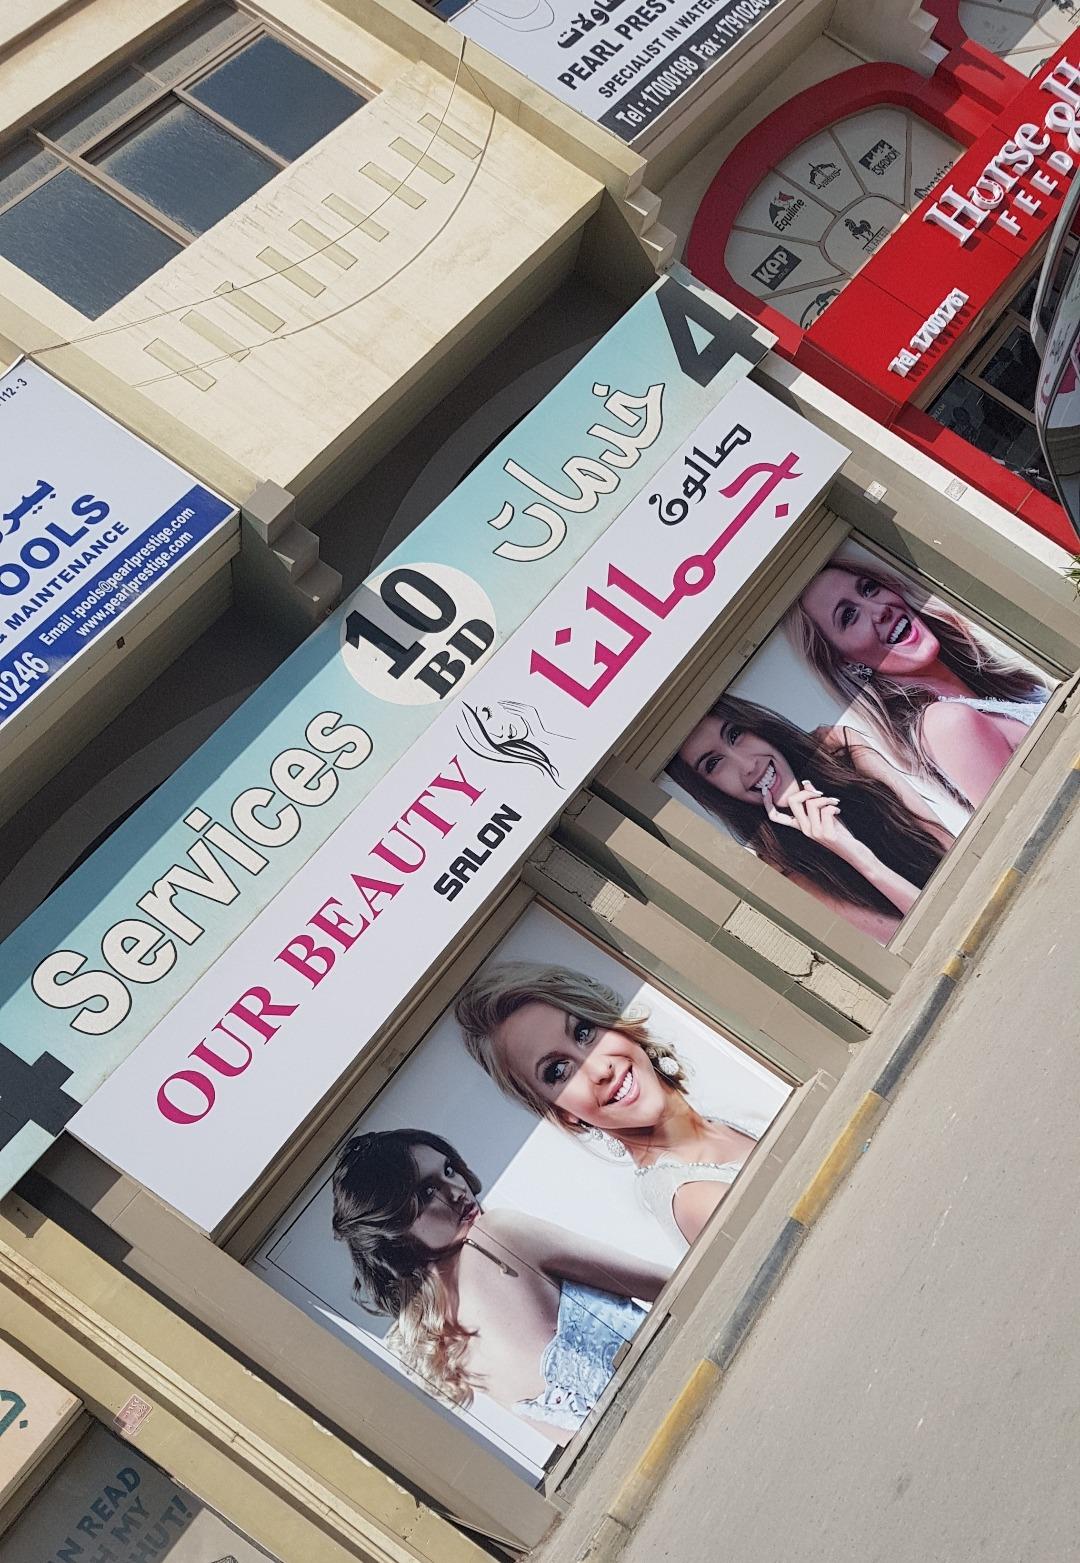 Our Beauty Salon - Bahrain